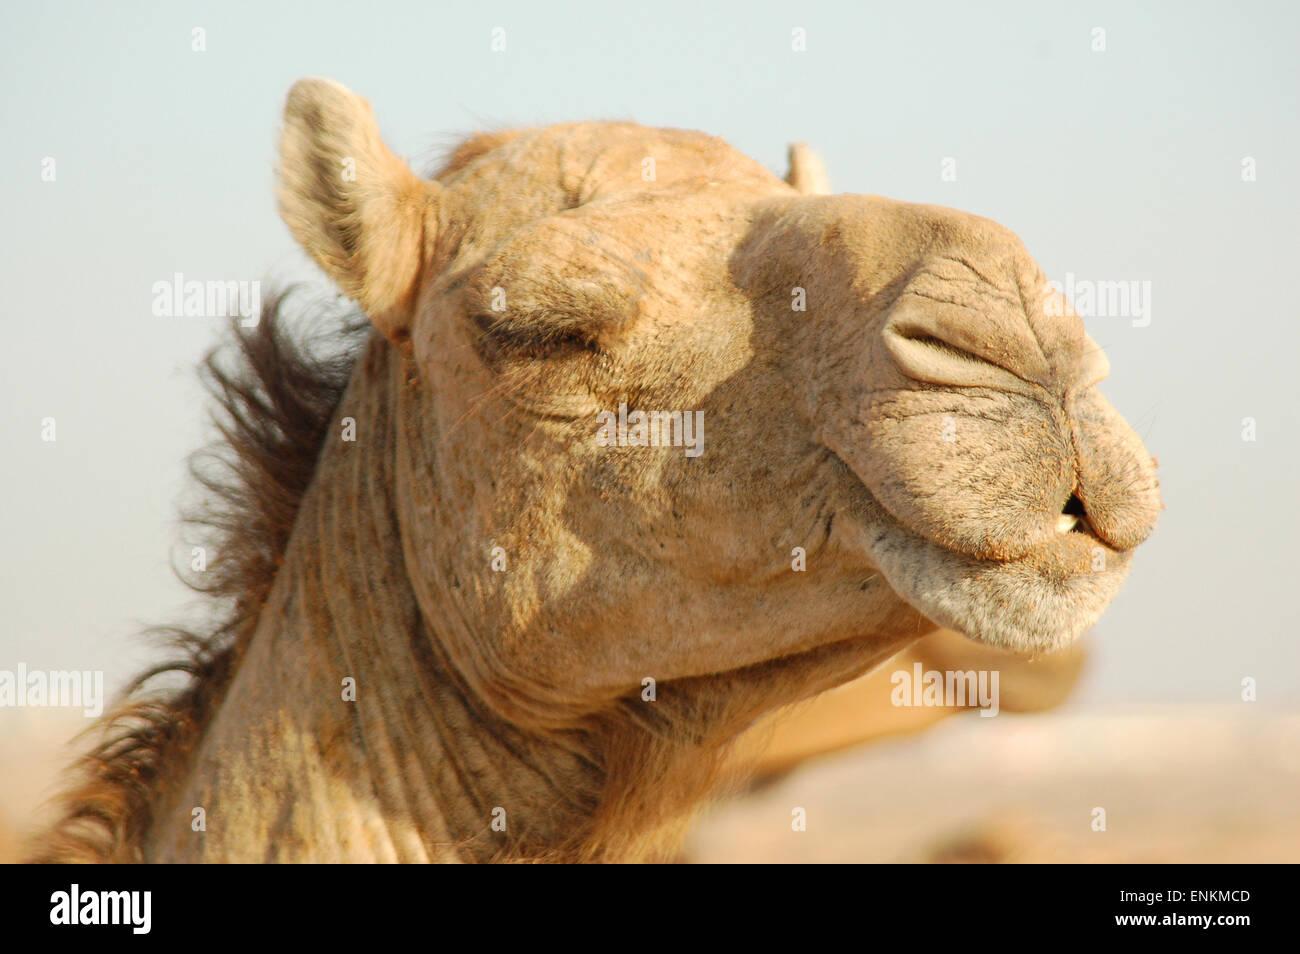 Cammello Dromedario arabian portret nave di testa del deser Immagini Stock